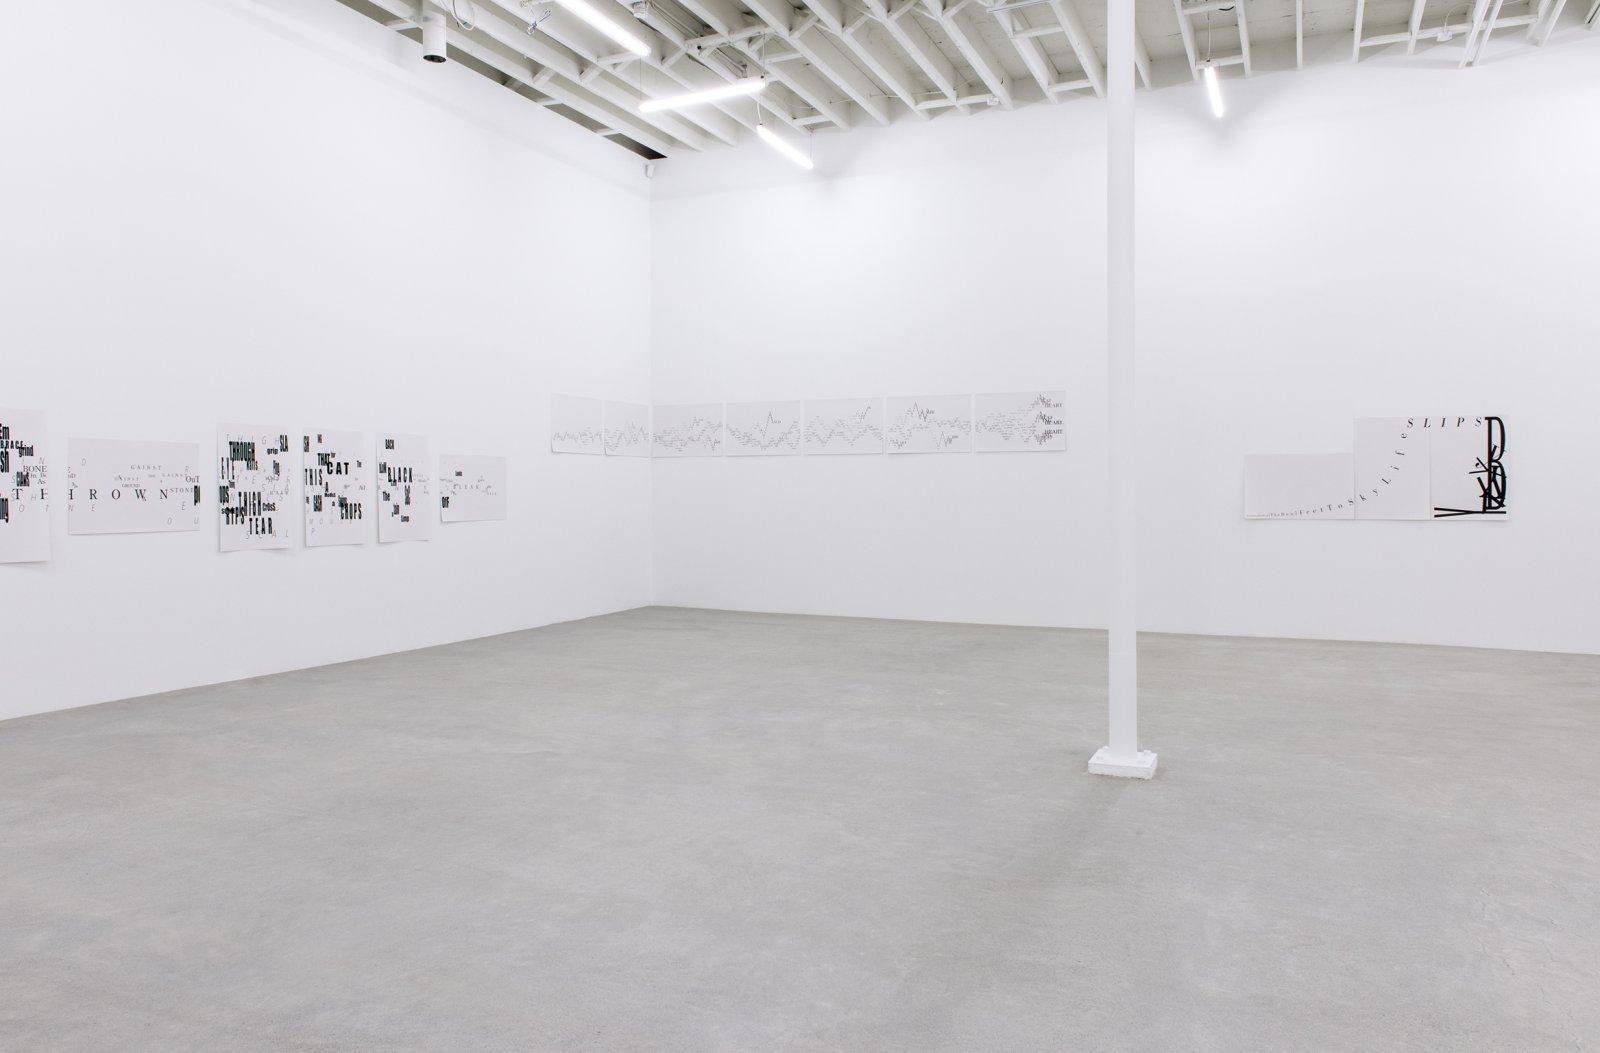 Janice Kerbel, installation view, Score, Catriona Jeffries, 2015  by Janice Kerbel